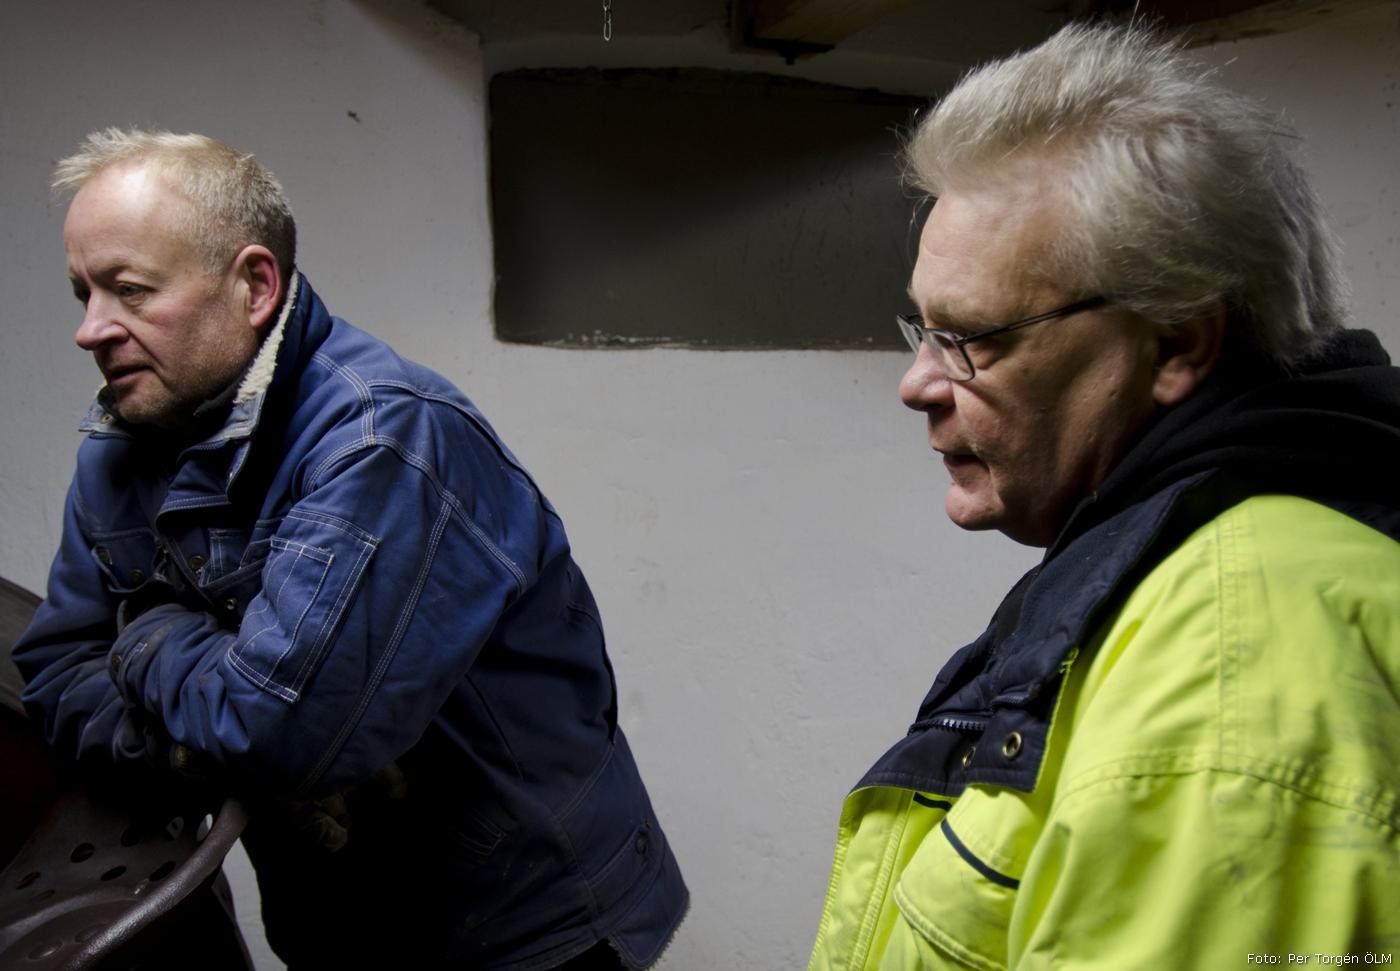 2012-02-10_046_Tekniska_kvarnen